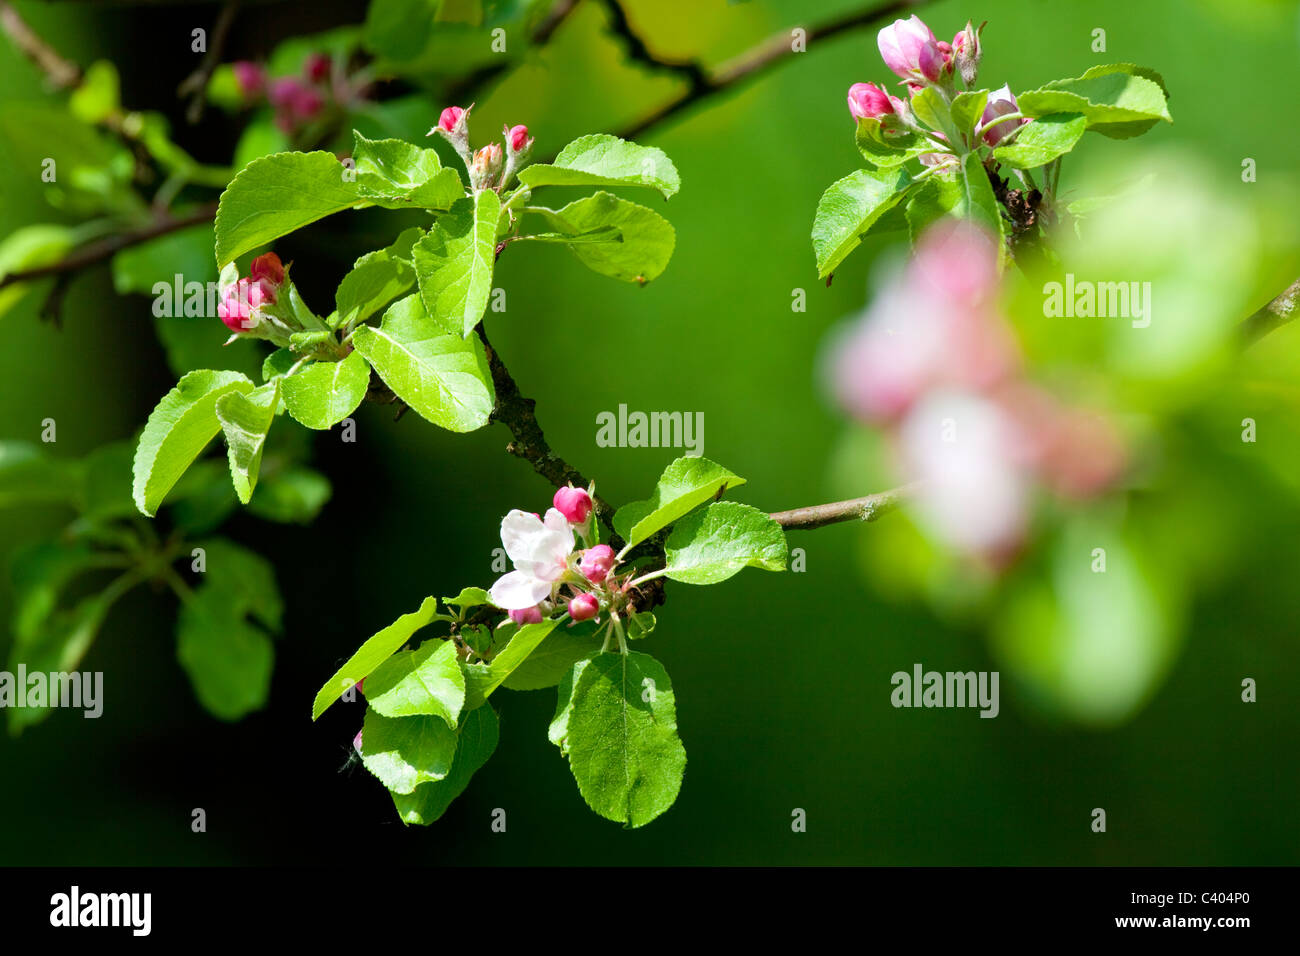 Primavera - Vista dettagliata del melo fiori in fiore nel giardino Immagini Stock